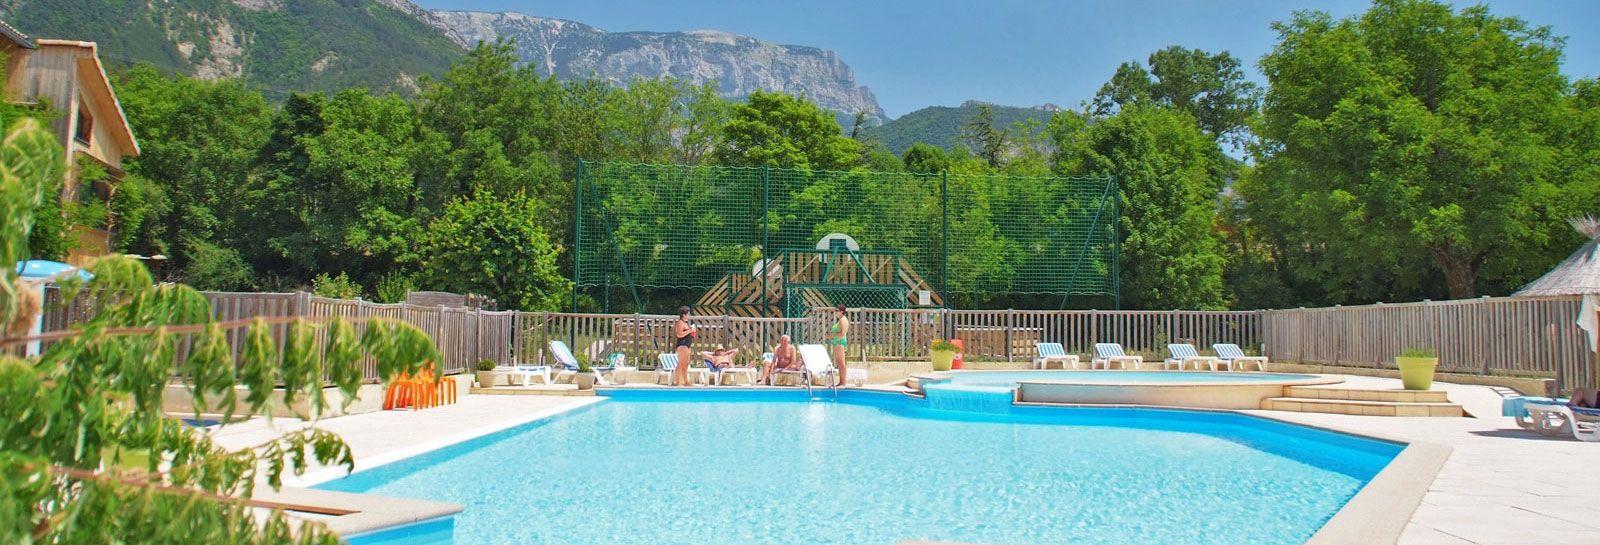 Piscine Camping Drome Betaalbaar En Mooie Omgeving Camping Vakanties Zwembaden